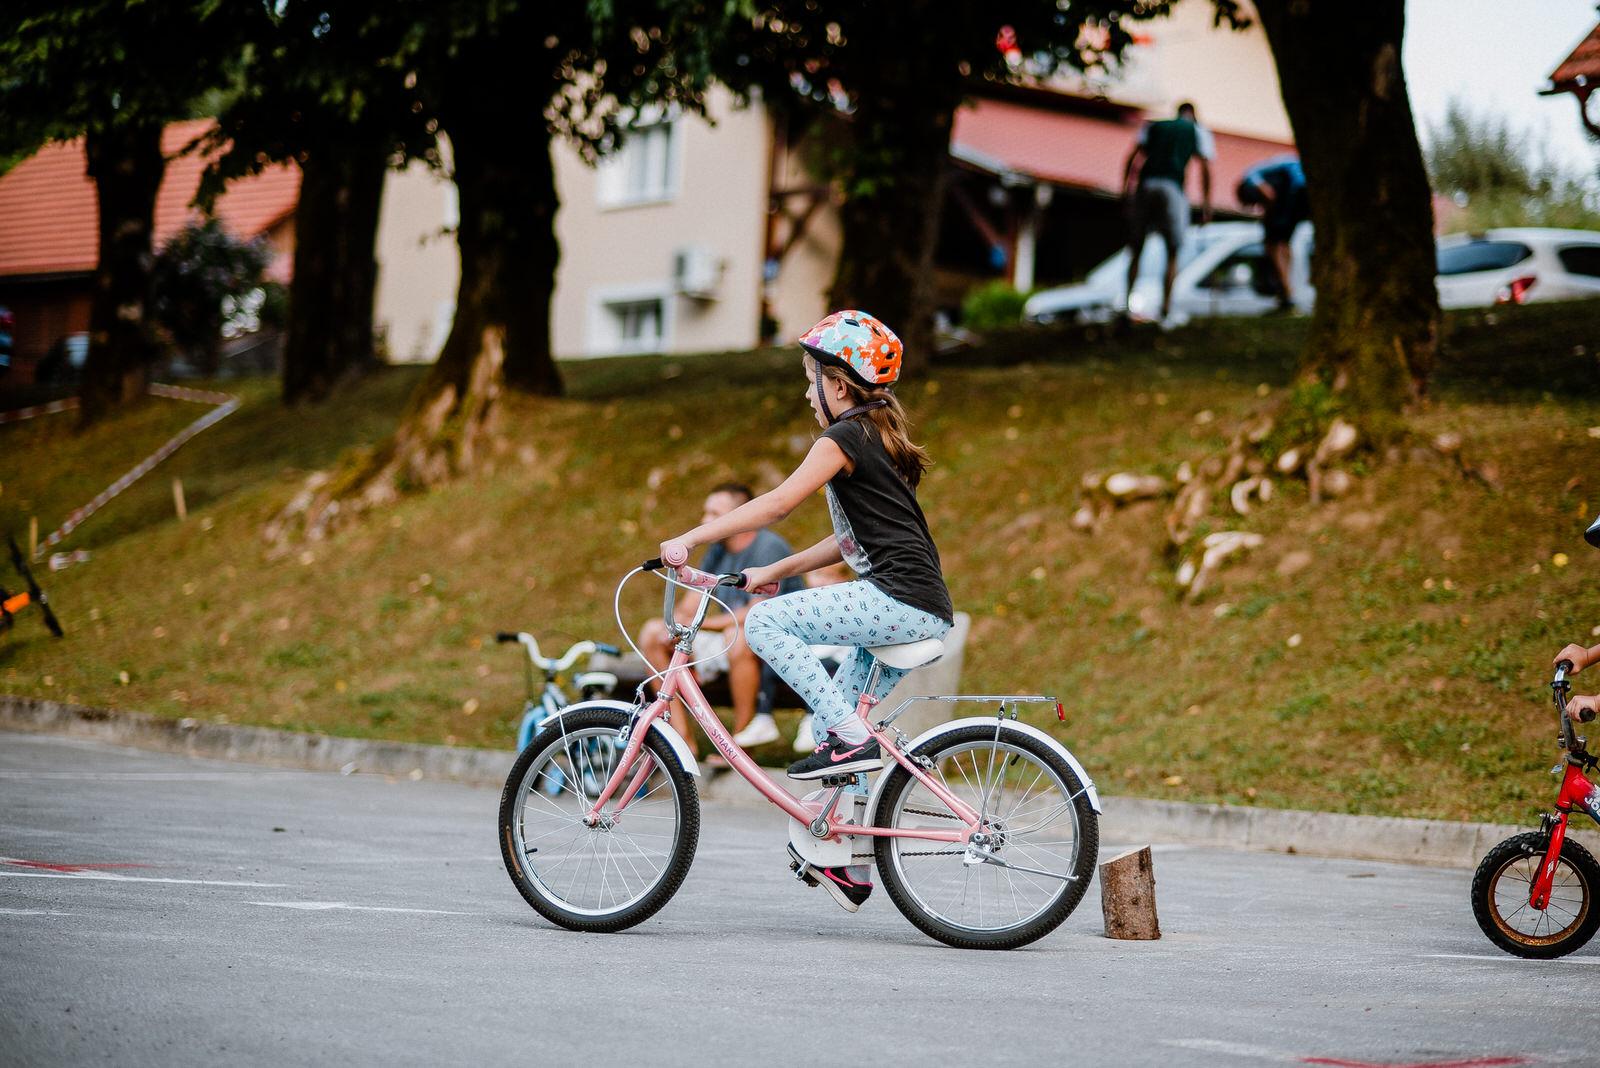 likaclub_rakovica_1-mala-biciklijada_2019-1